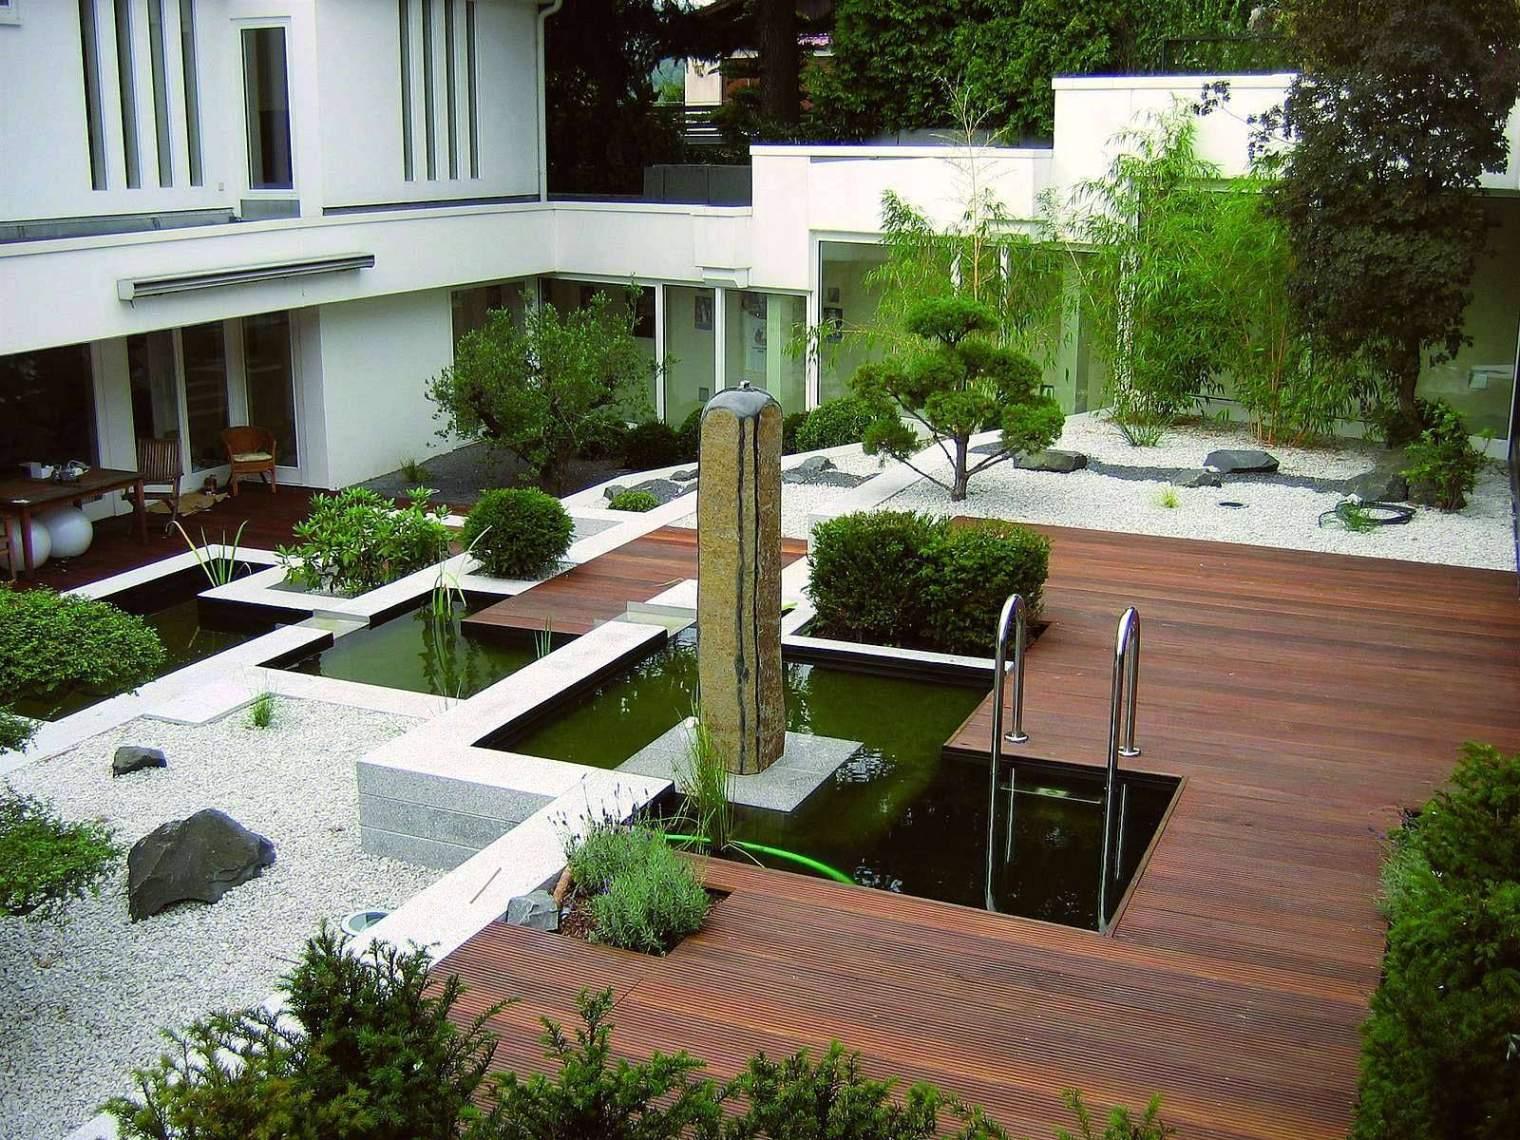 Kleine Gärten Gestalten Reihenhaus Schön Kleine Gärten Gestalten Reihenhaus — Temobardz Home Blog